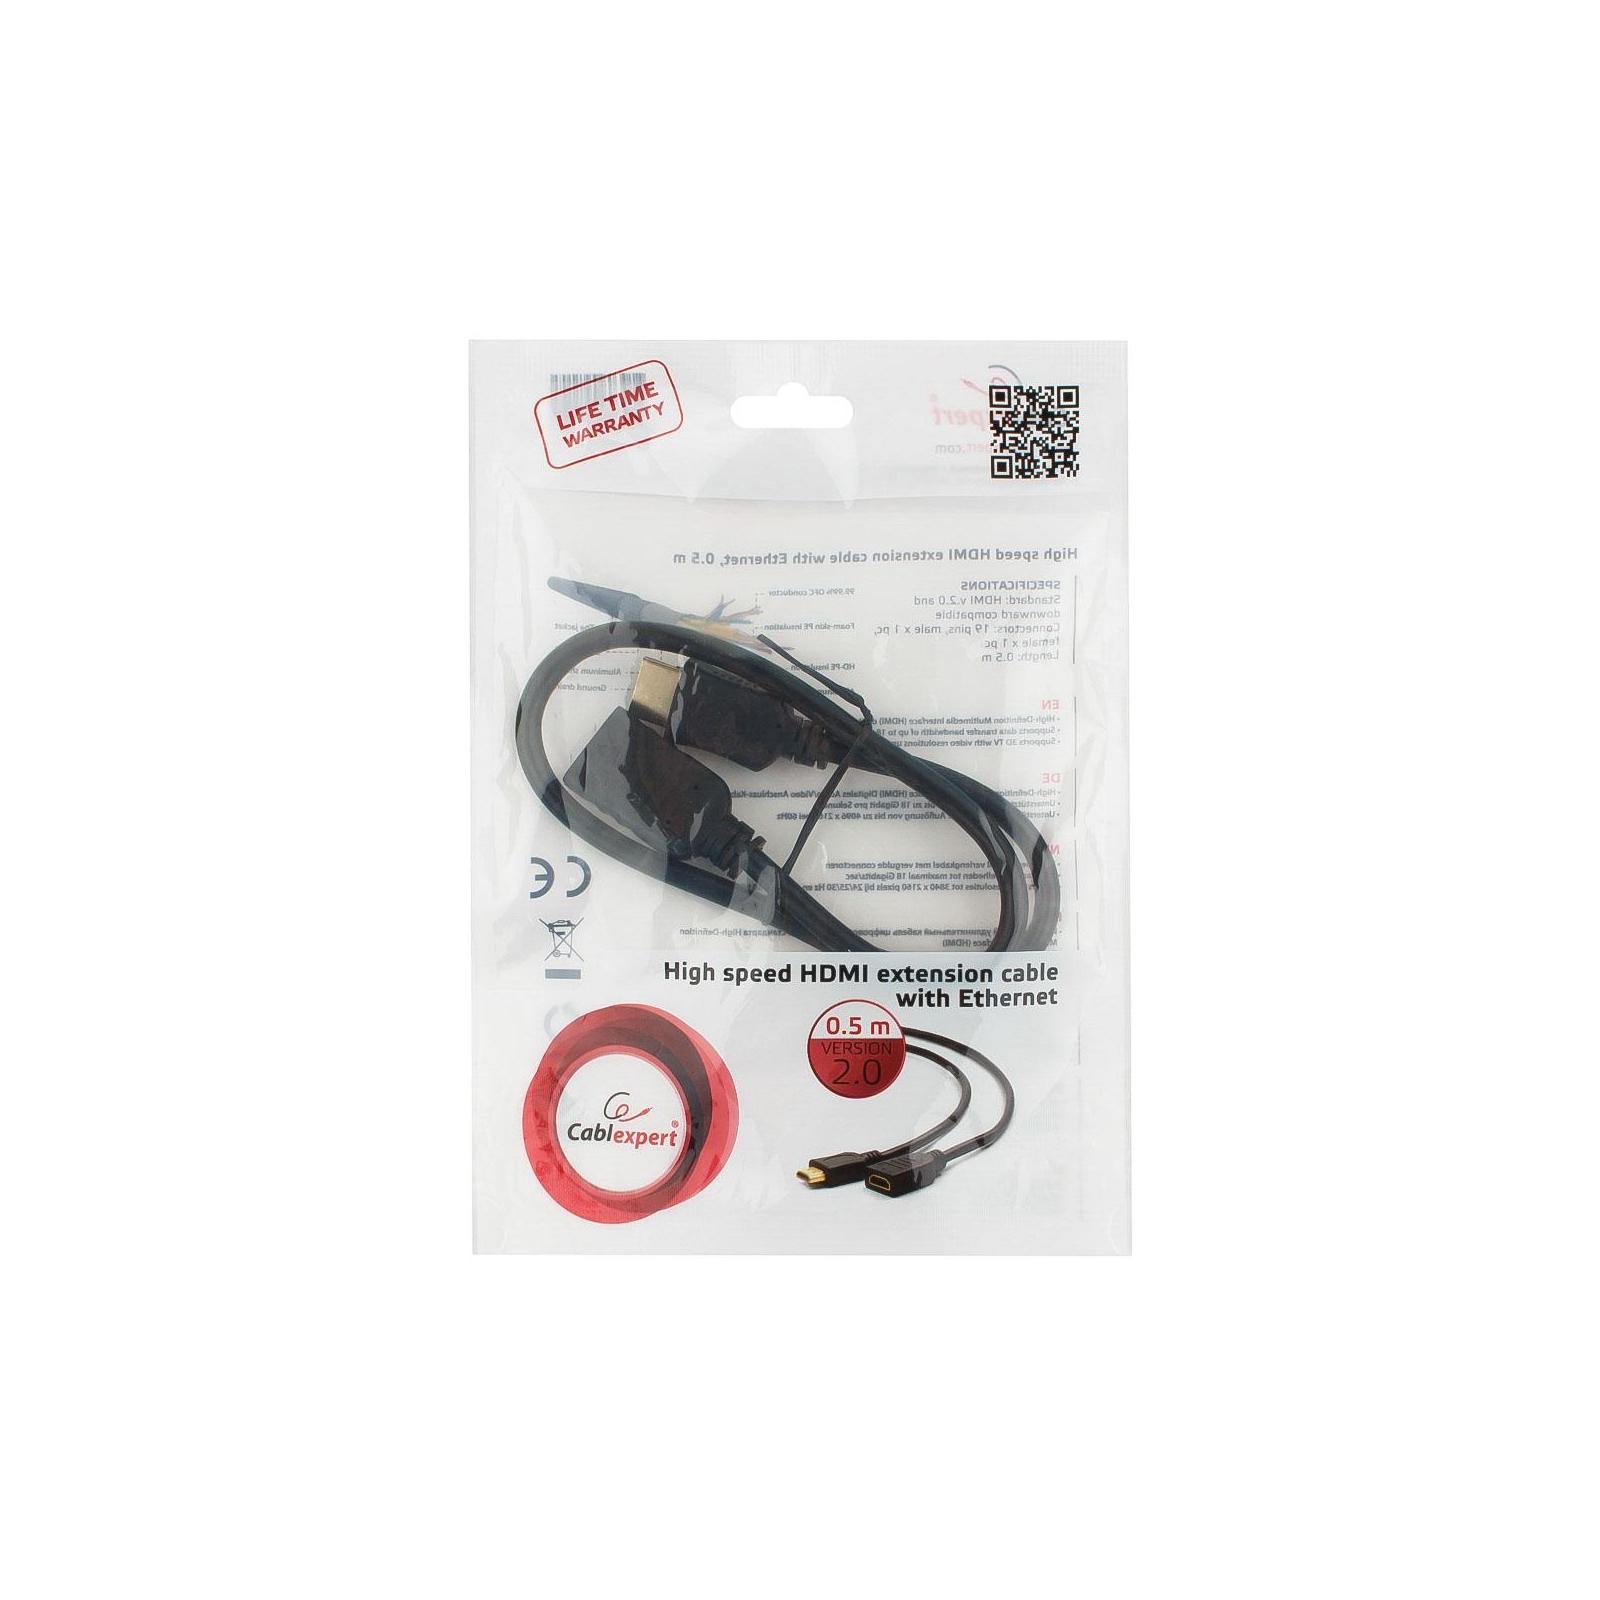 Кабель мультимедийный HDMI M to HDMI F 0.5m Cablexpert (CC-HDMI4X-0.5M) изображение 5